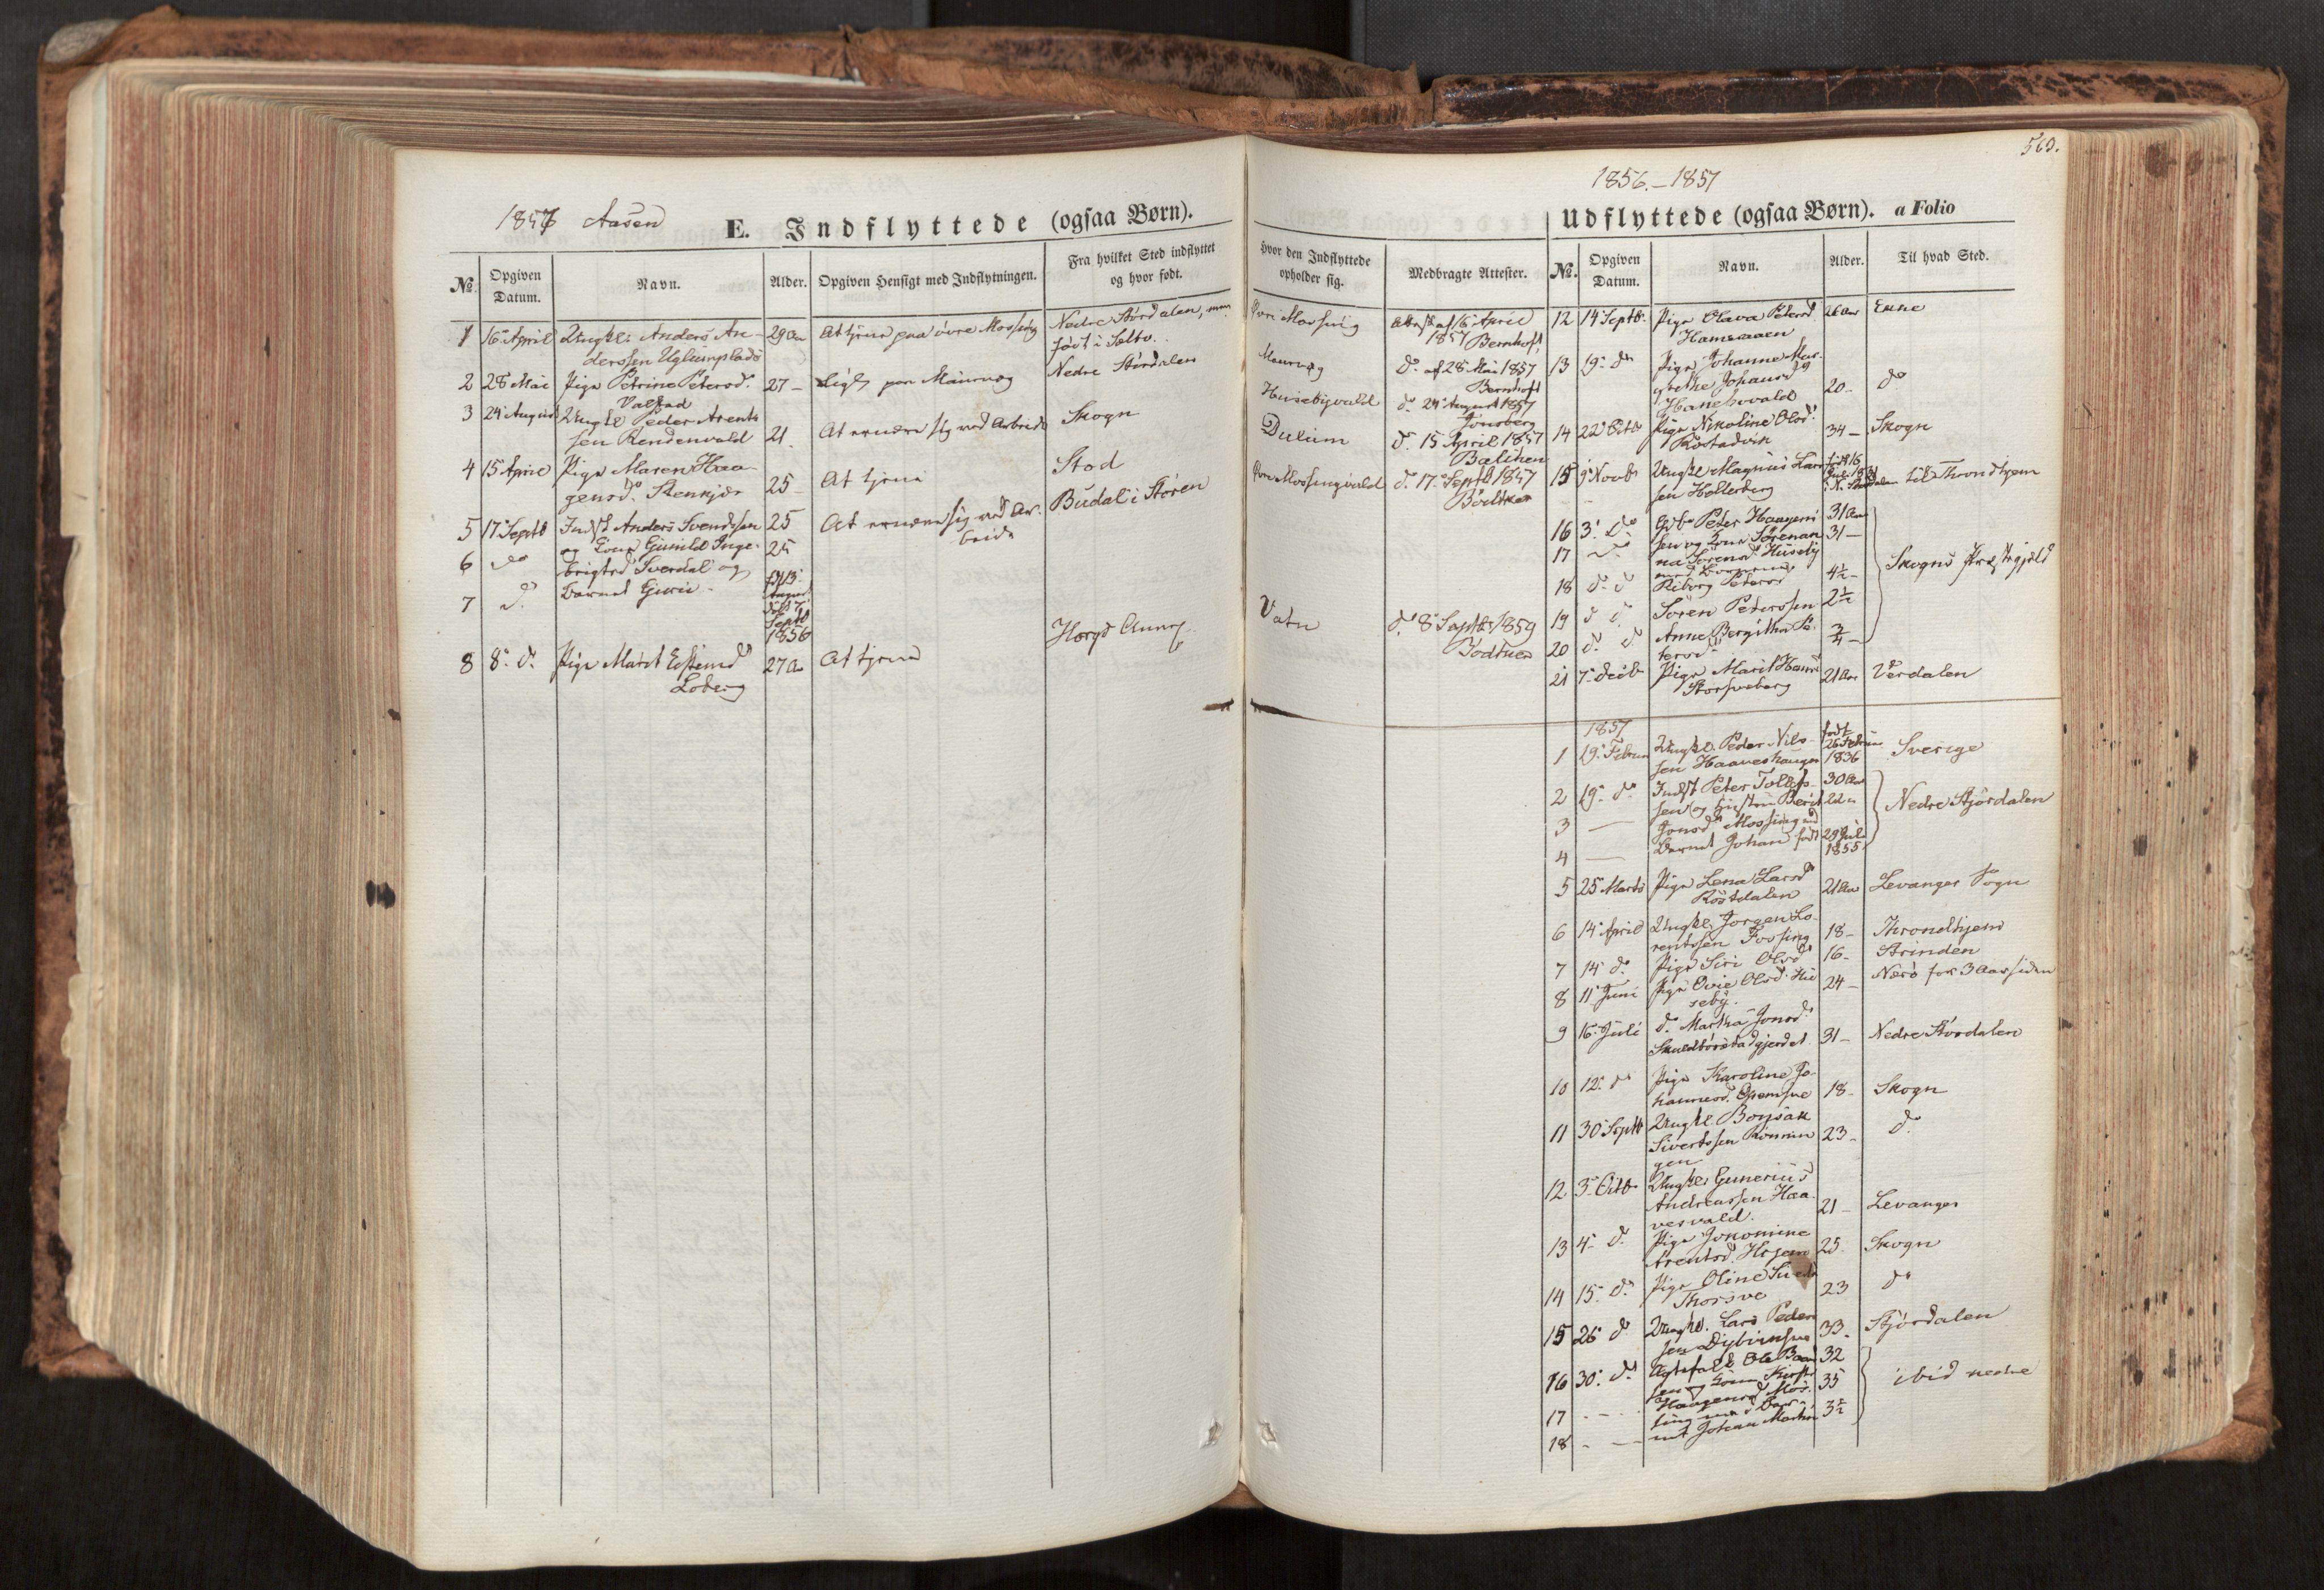 SAT, Ministerialprotokoller, klokkerbøker og fødselsregistre - Nord-Trøndelag, 713/L0116: Ministerialbok nr. 713A07, 1850-1877, s. 563